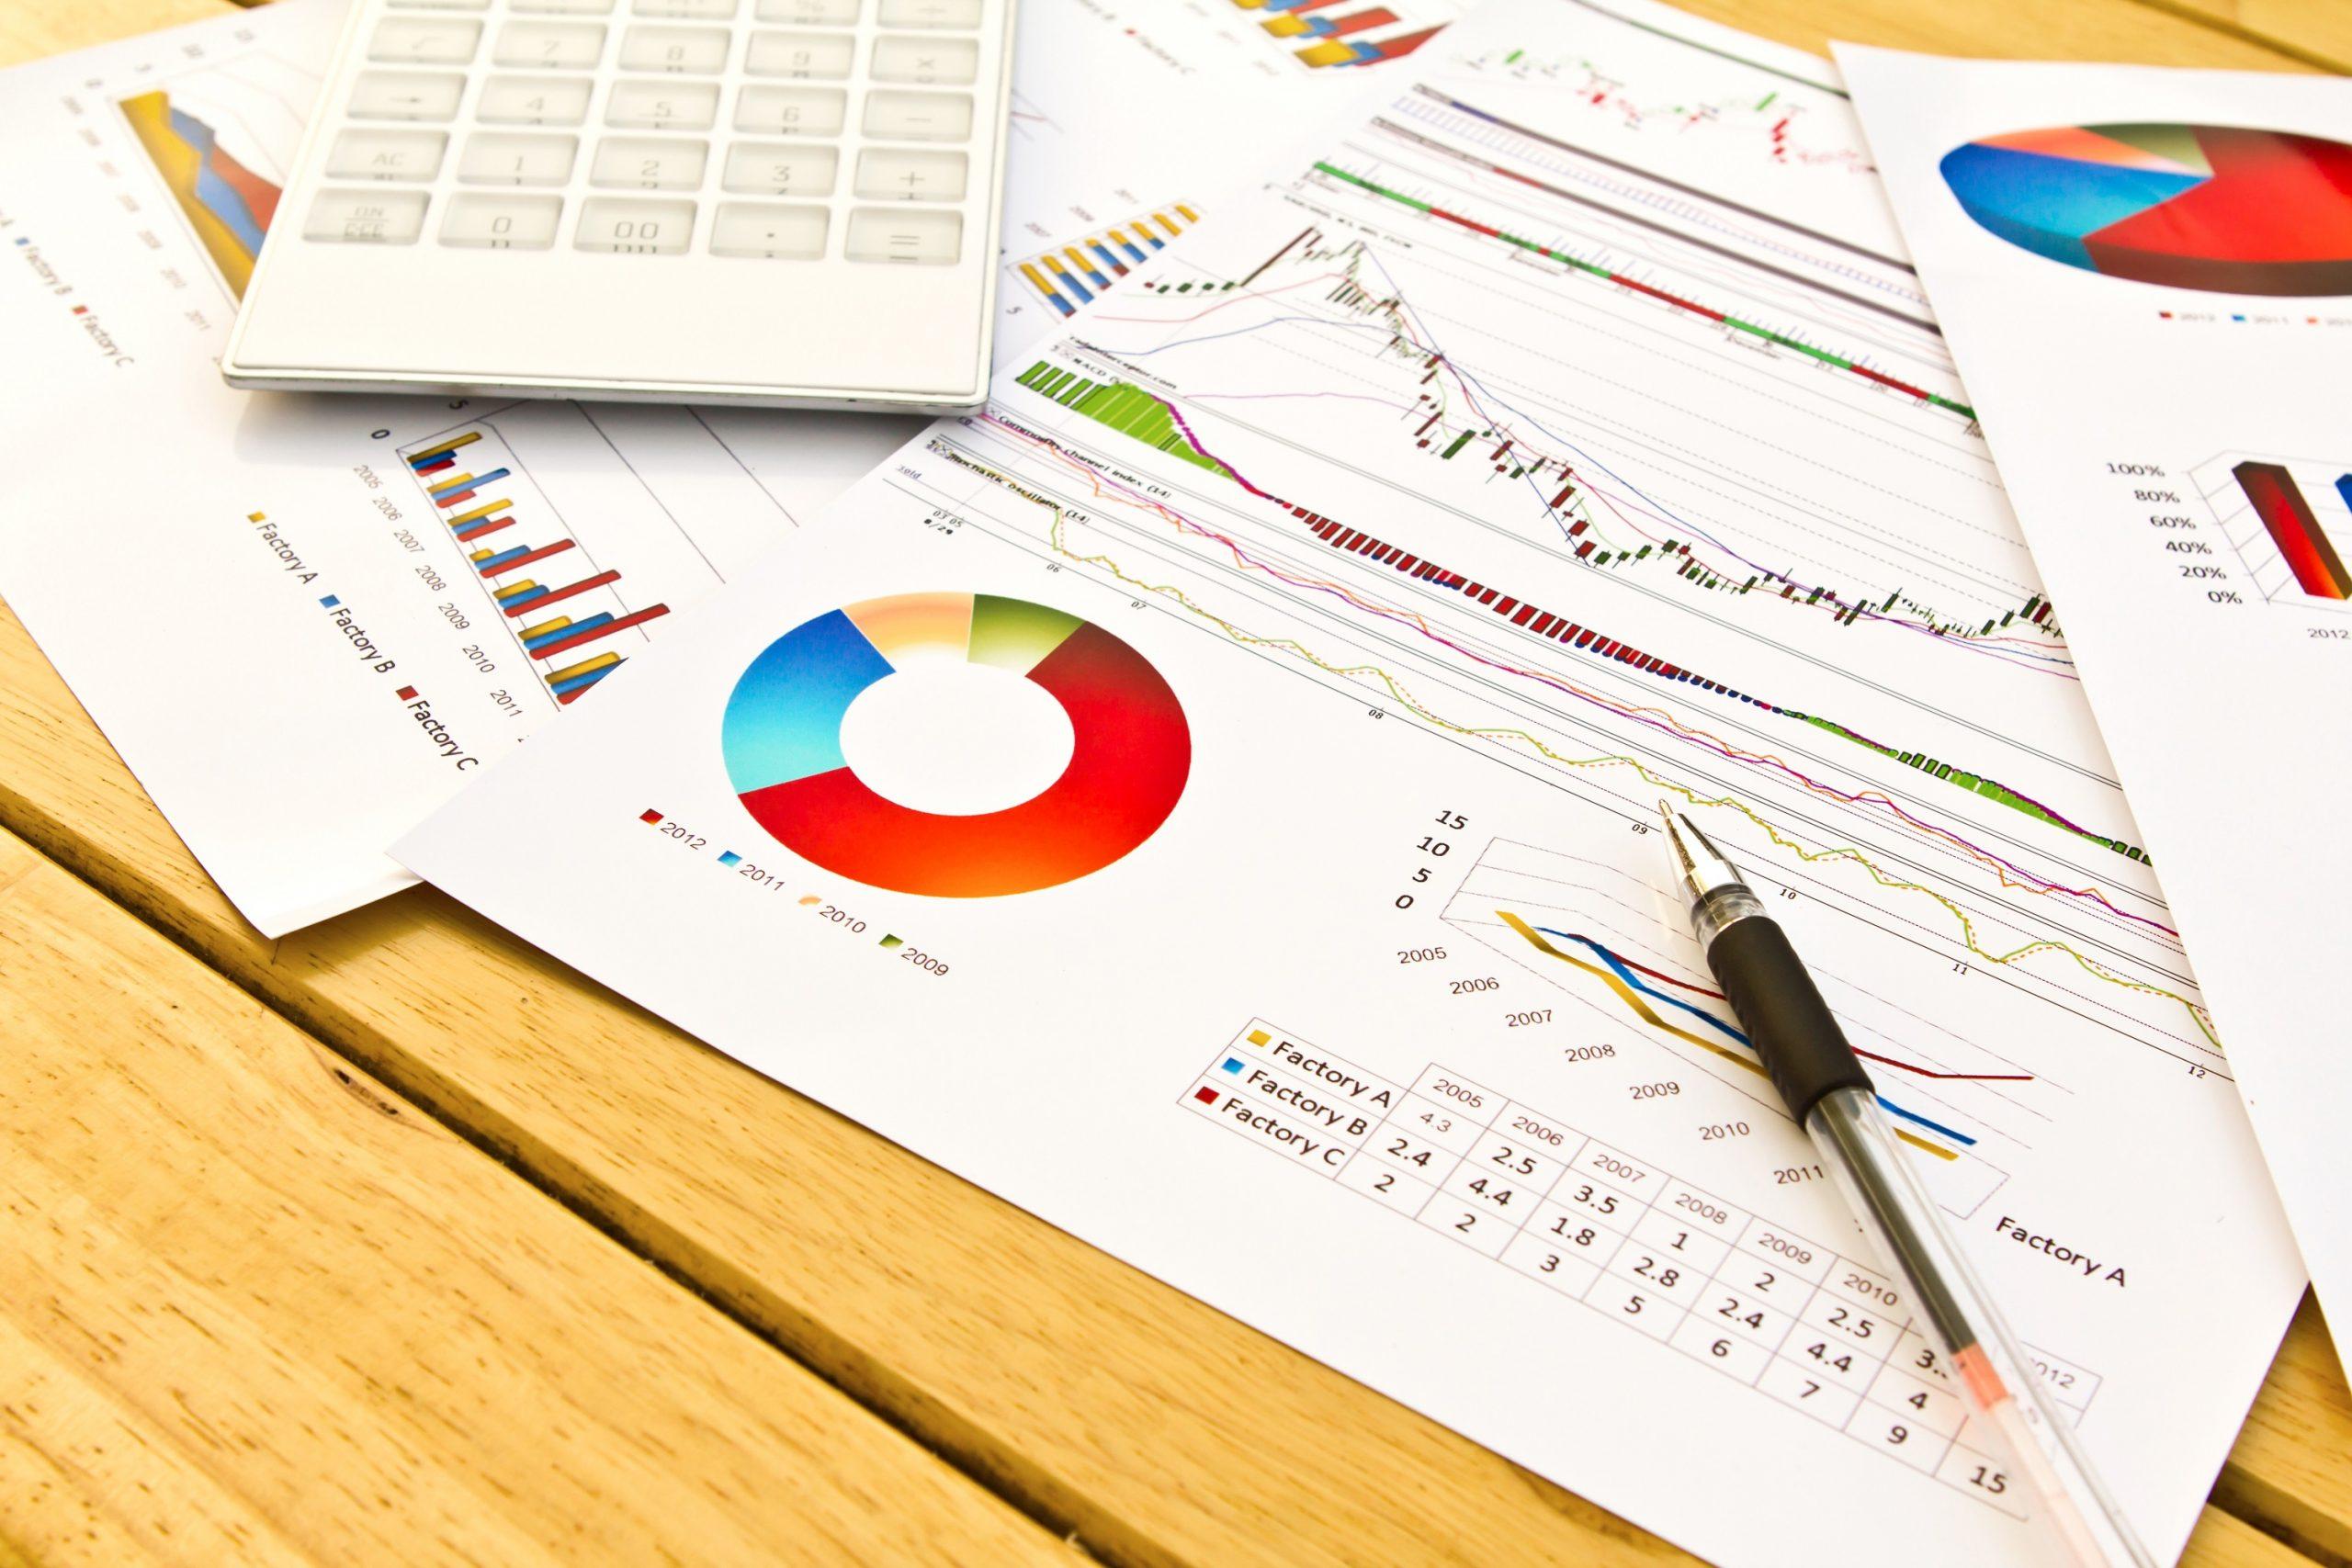 Revisión, tamaño, participación, crecimiento, tendencias y pronósticos del mercado global de tecnología de reconocimiento de matrículas 2021 para 2026